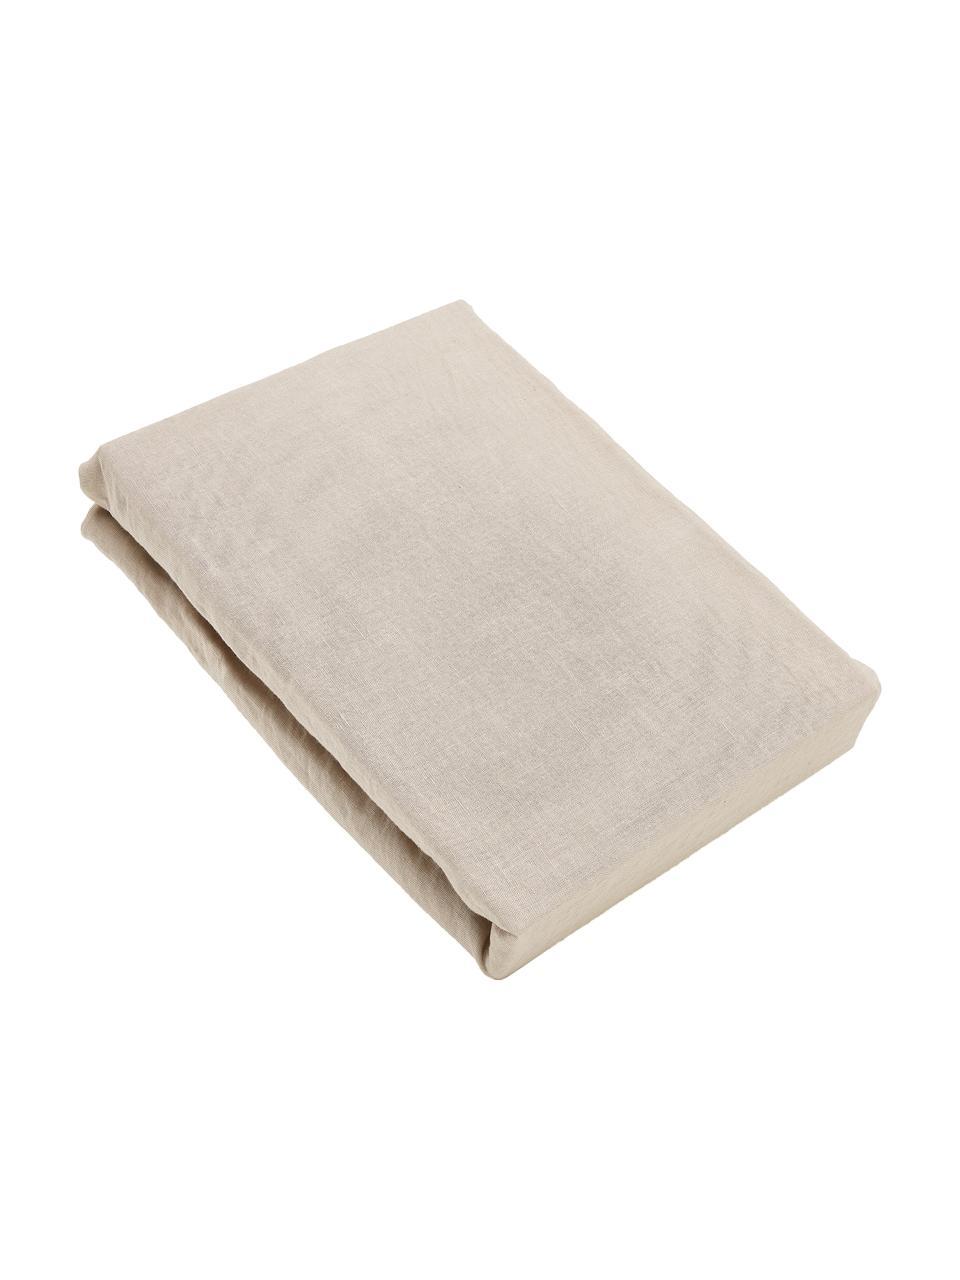 Spannbettlaken Nature in Taupe, Halbleinen (52% Leinen, 48% Baumwolle)  Fadendichte 108 TC, Standard Qualität  Halbleinen hat von Natur aus einen kernigen Griff und einen natürlichen Knitterlook, der durch den Stonewash-Effekt verstärkt wird. Es absorbiert bis zu 35% Luftfeuchtigkeit, trocknet sehr schnell und wirkt in Sommernächten angenehm kühlend. Die hohe Reißfestigkeit macht Halbleinen scheuerfest und strapazierfähig, Beige, 180 x 200 cm